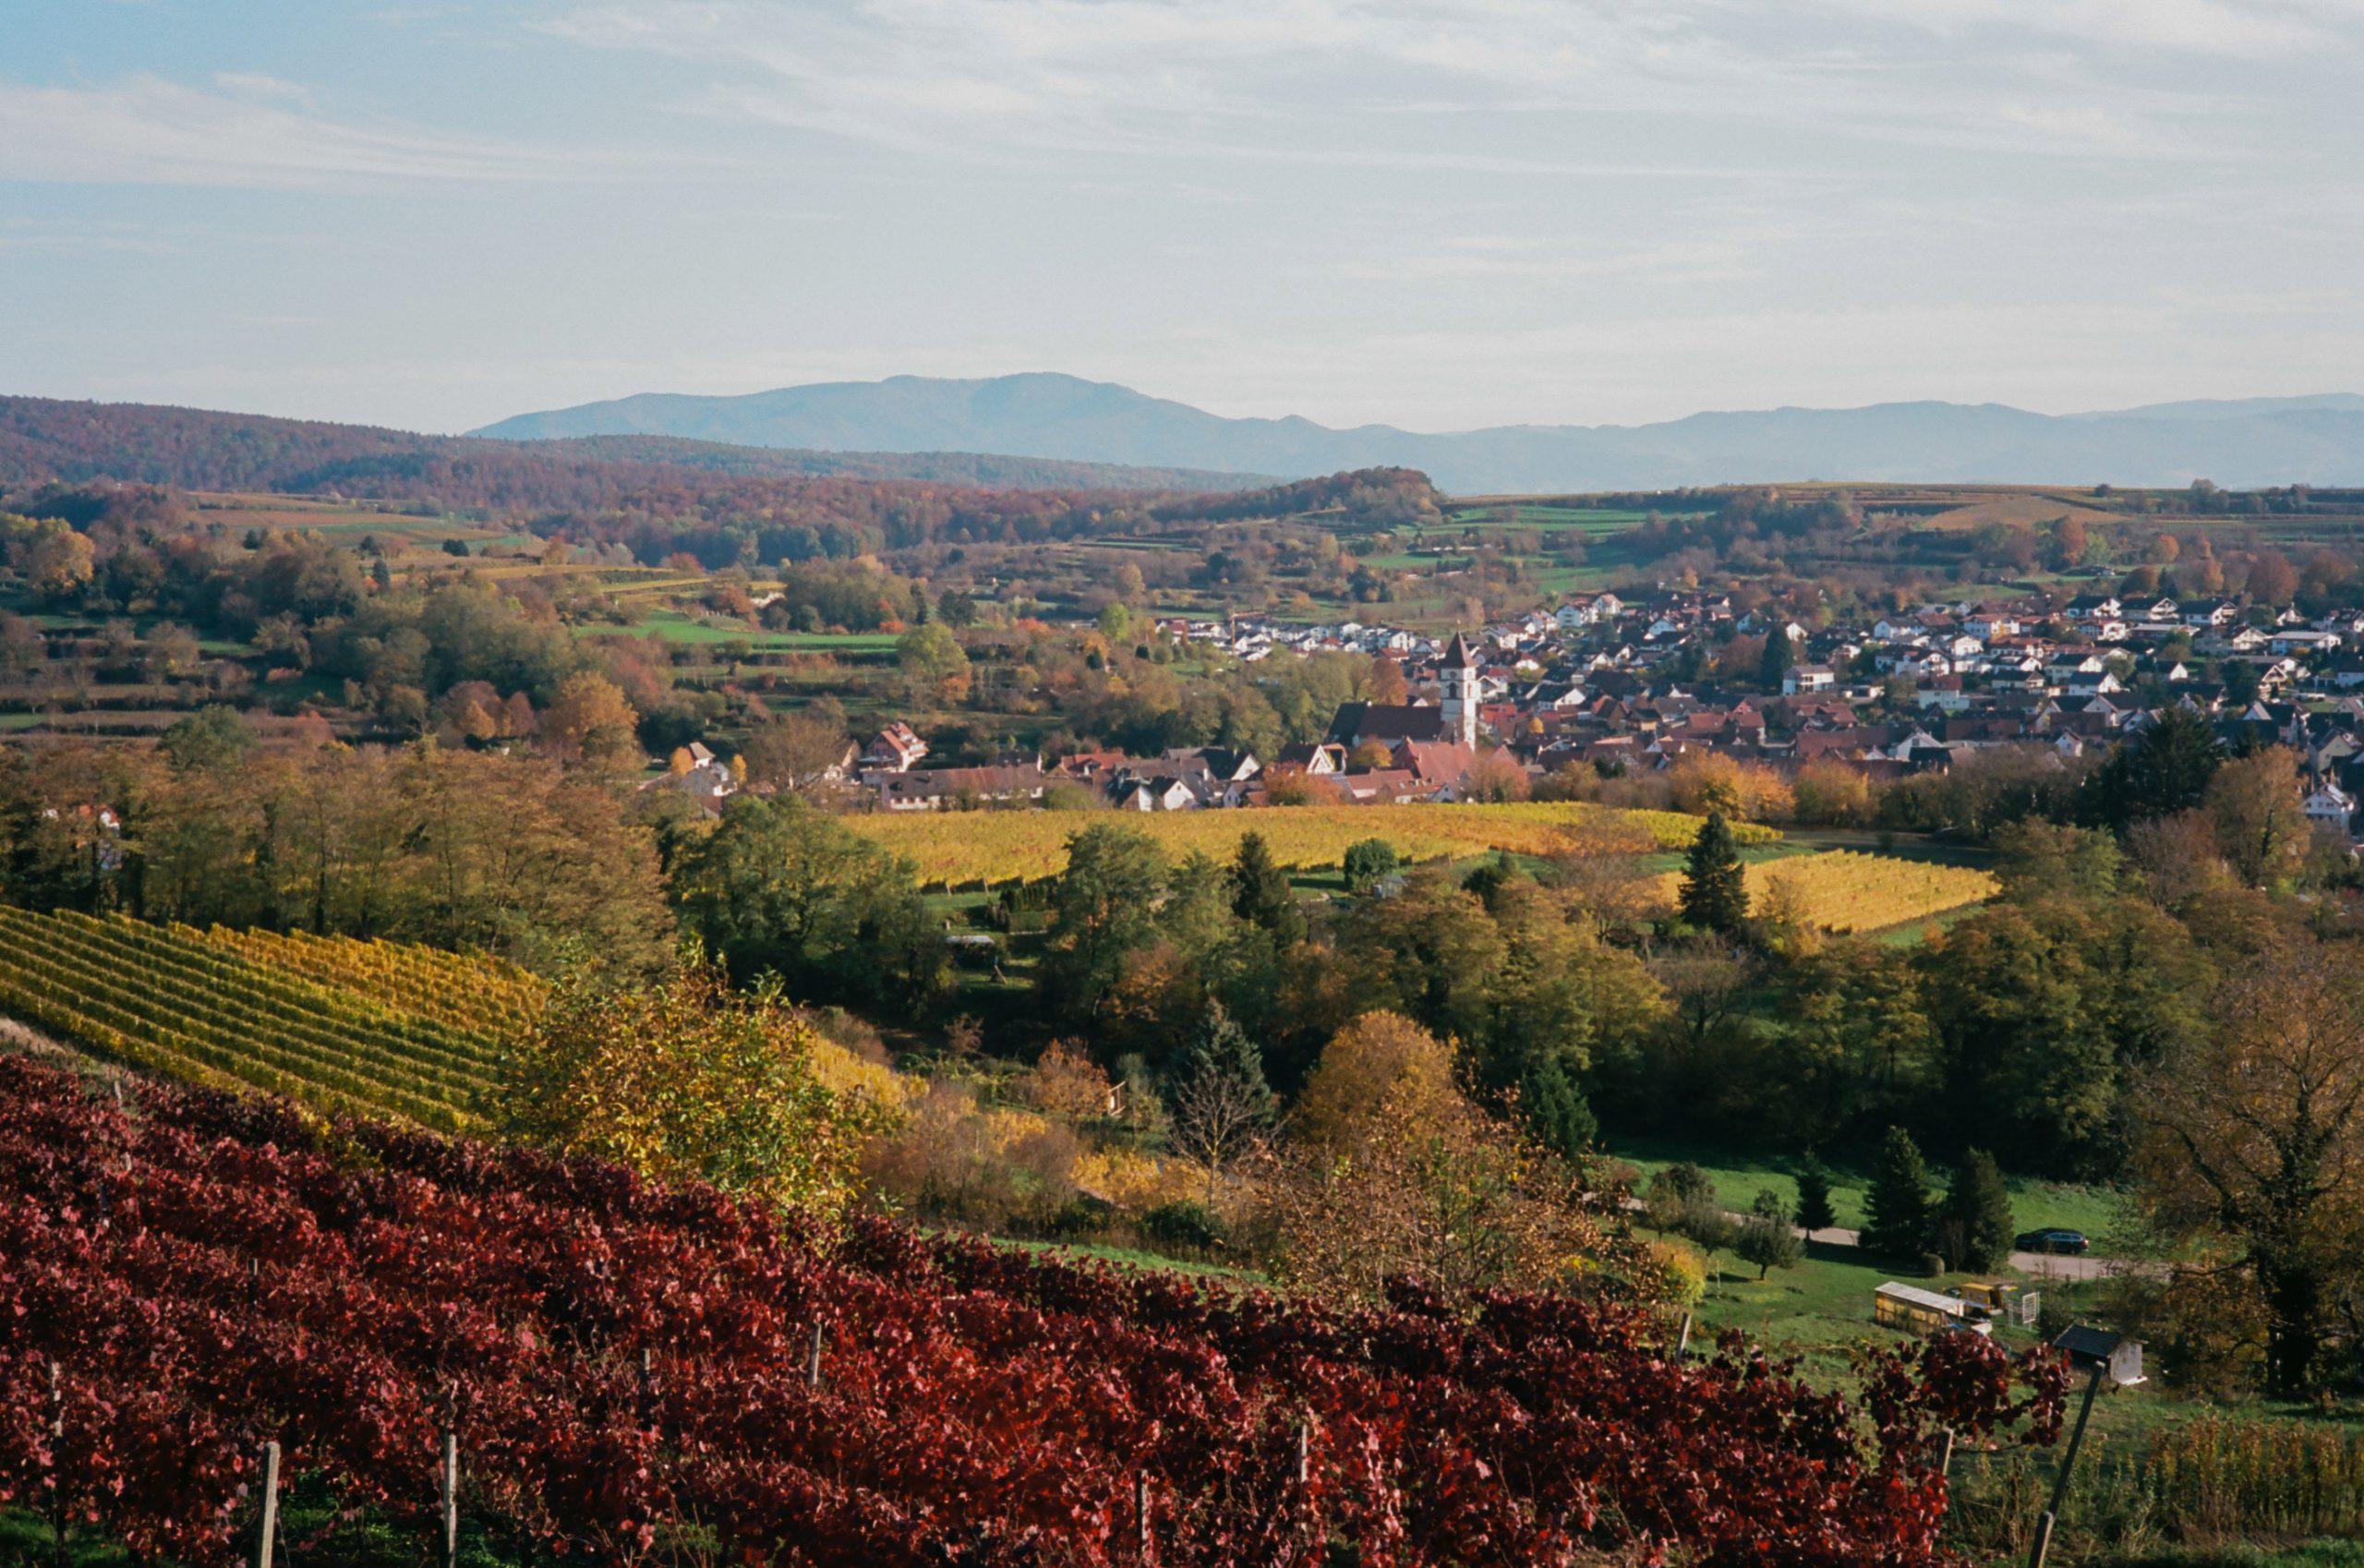 Noch ein Blick auf den Weinbauort Malterdingen, hier nun gegen den Schwarzwald gesehen. Rollei 35 RF mit Rollei Sonnar 40/2.8. Kodak Ektar 100.